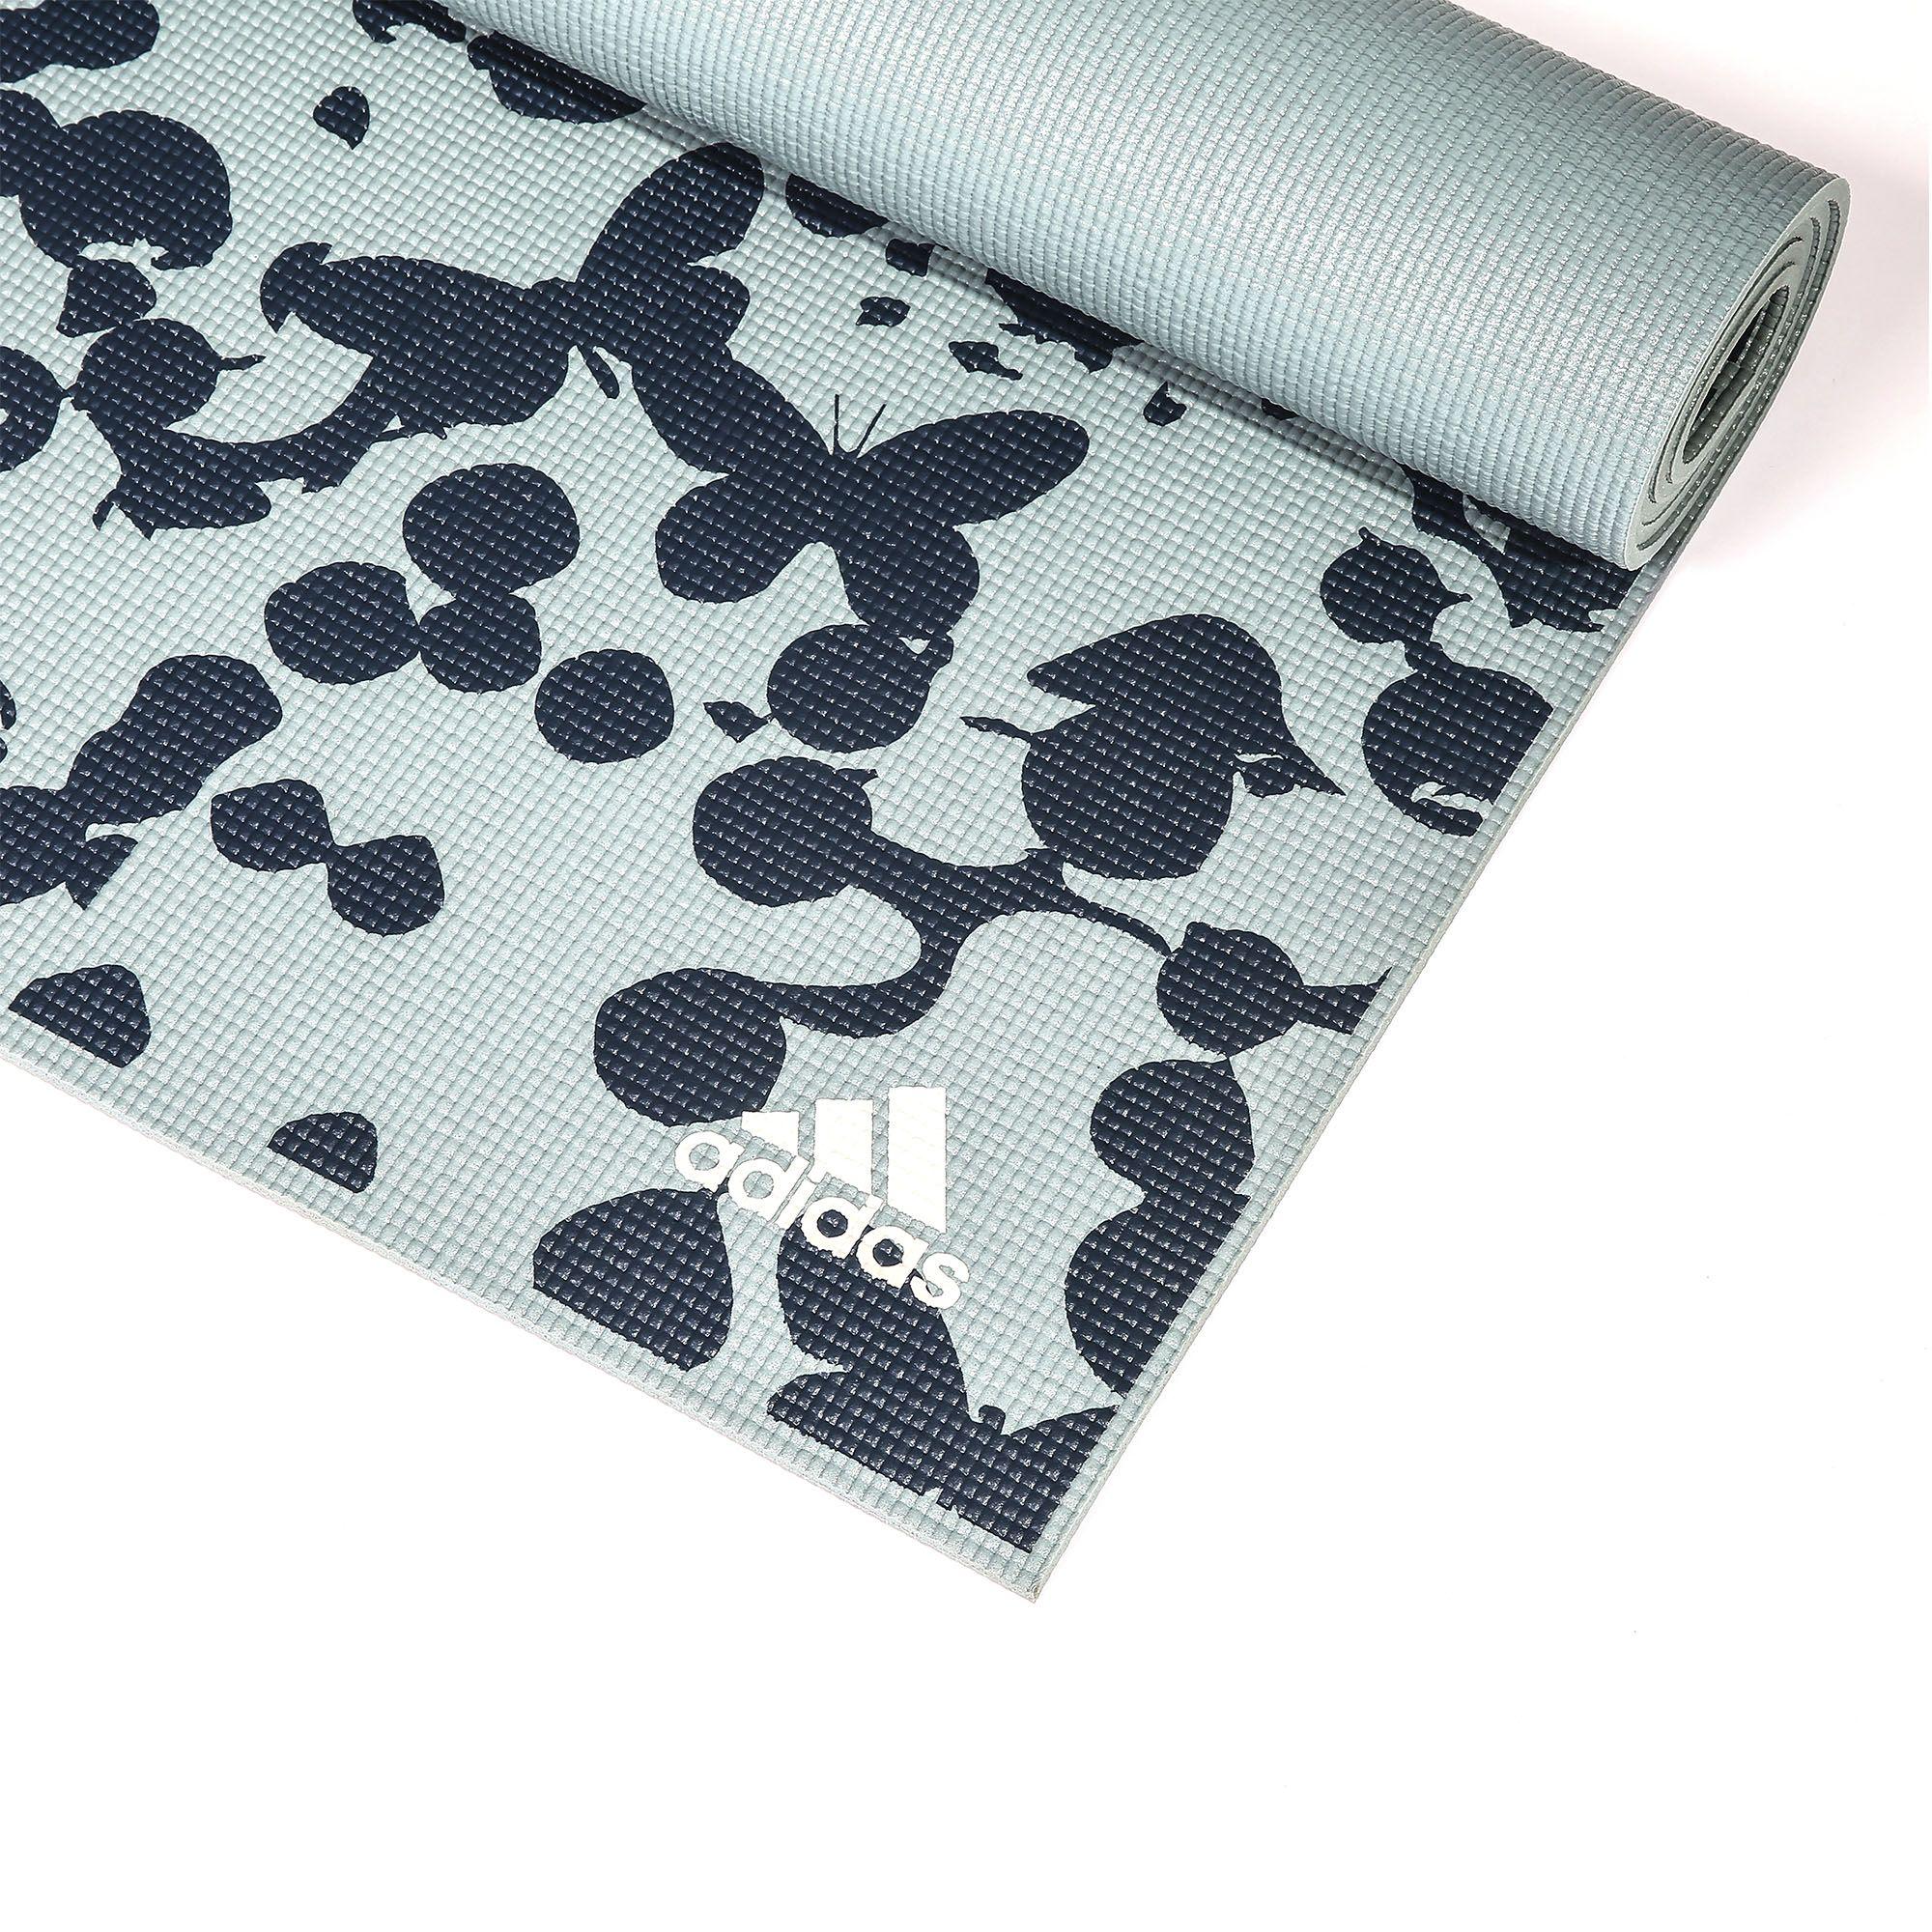 Adidas 6mm Butterfly Yoga Mat